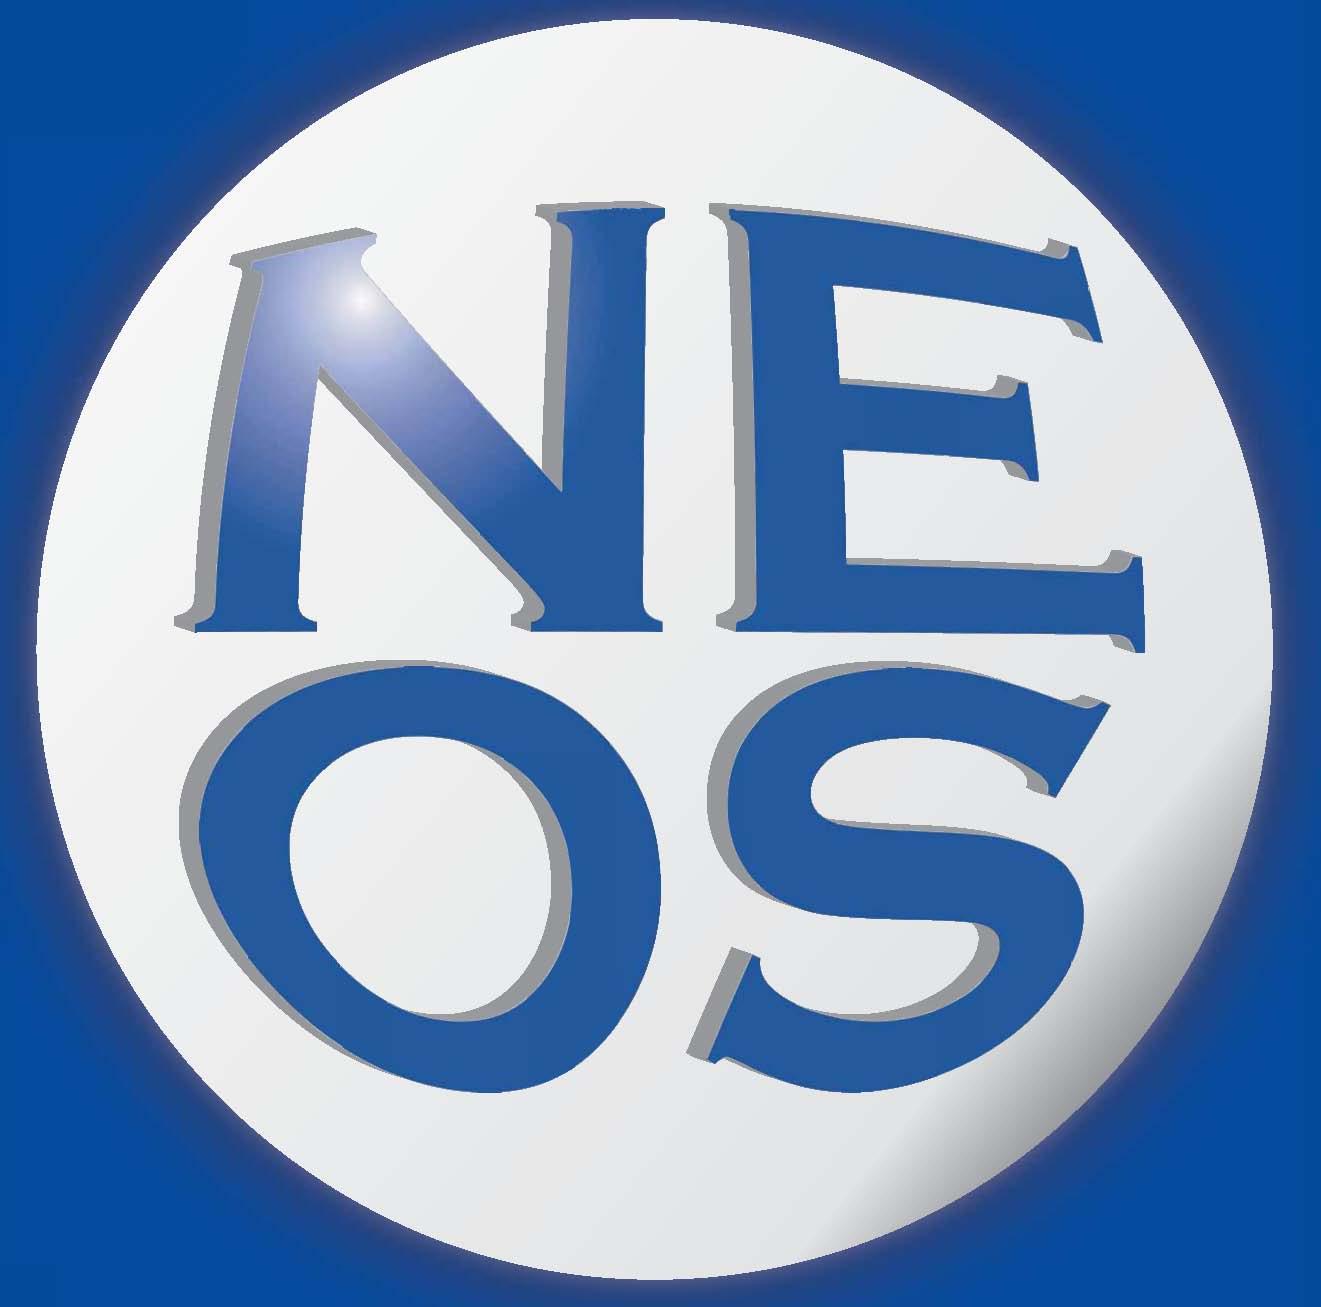 NEOS LOGO A 1_26_17.jpg